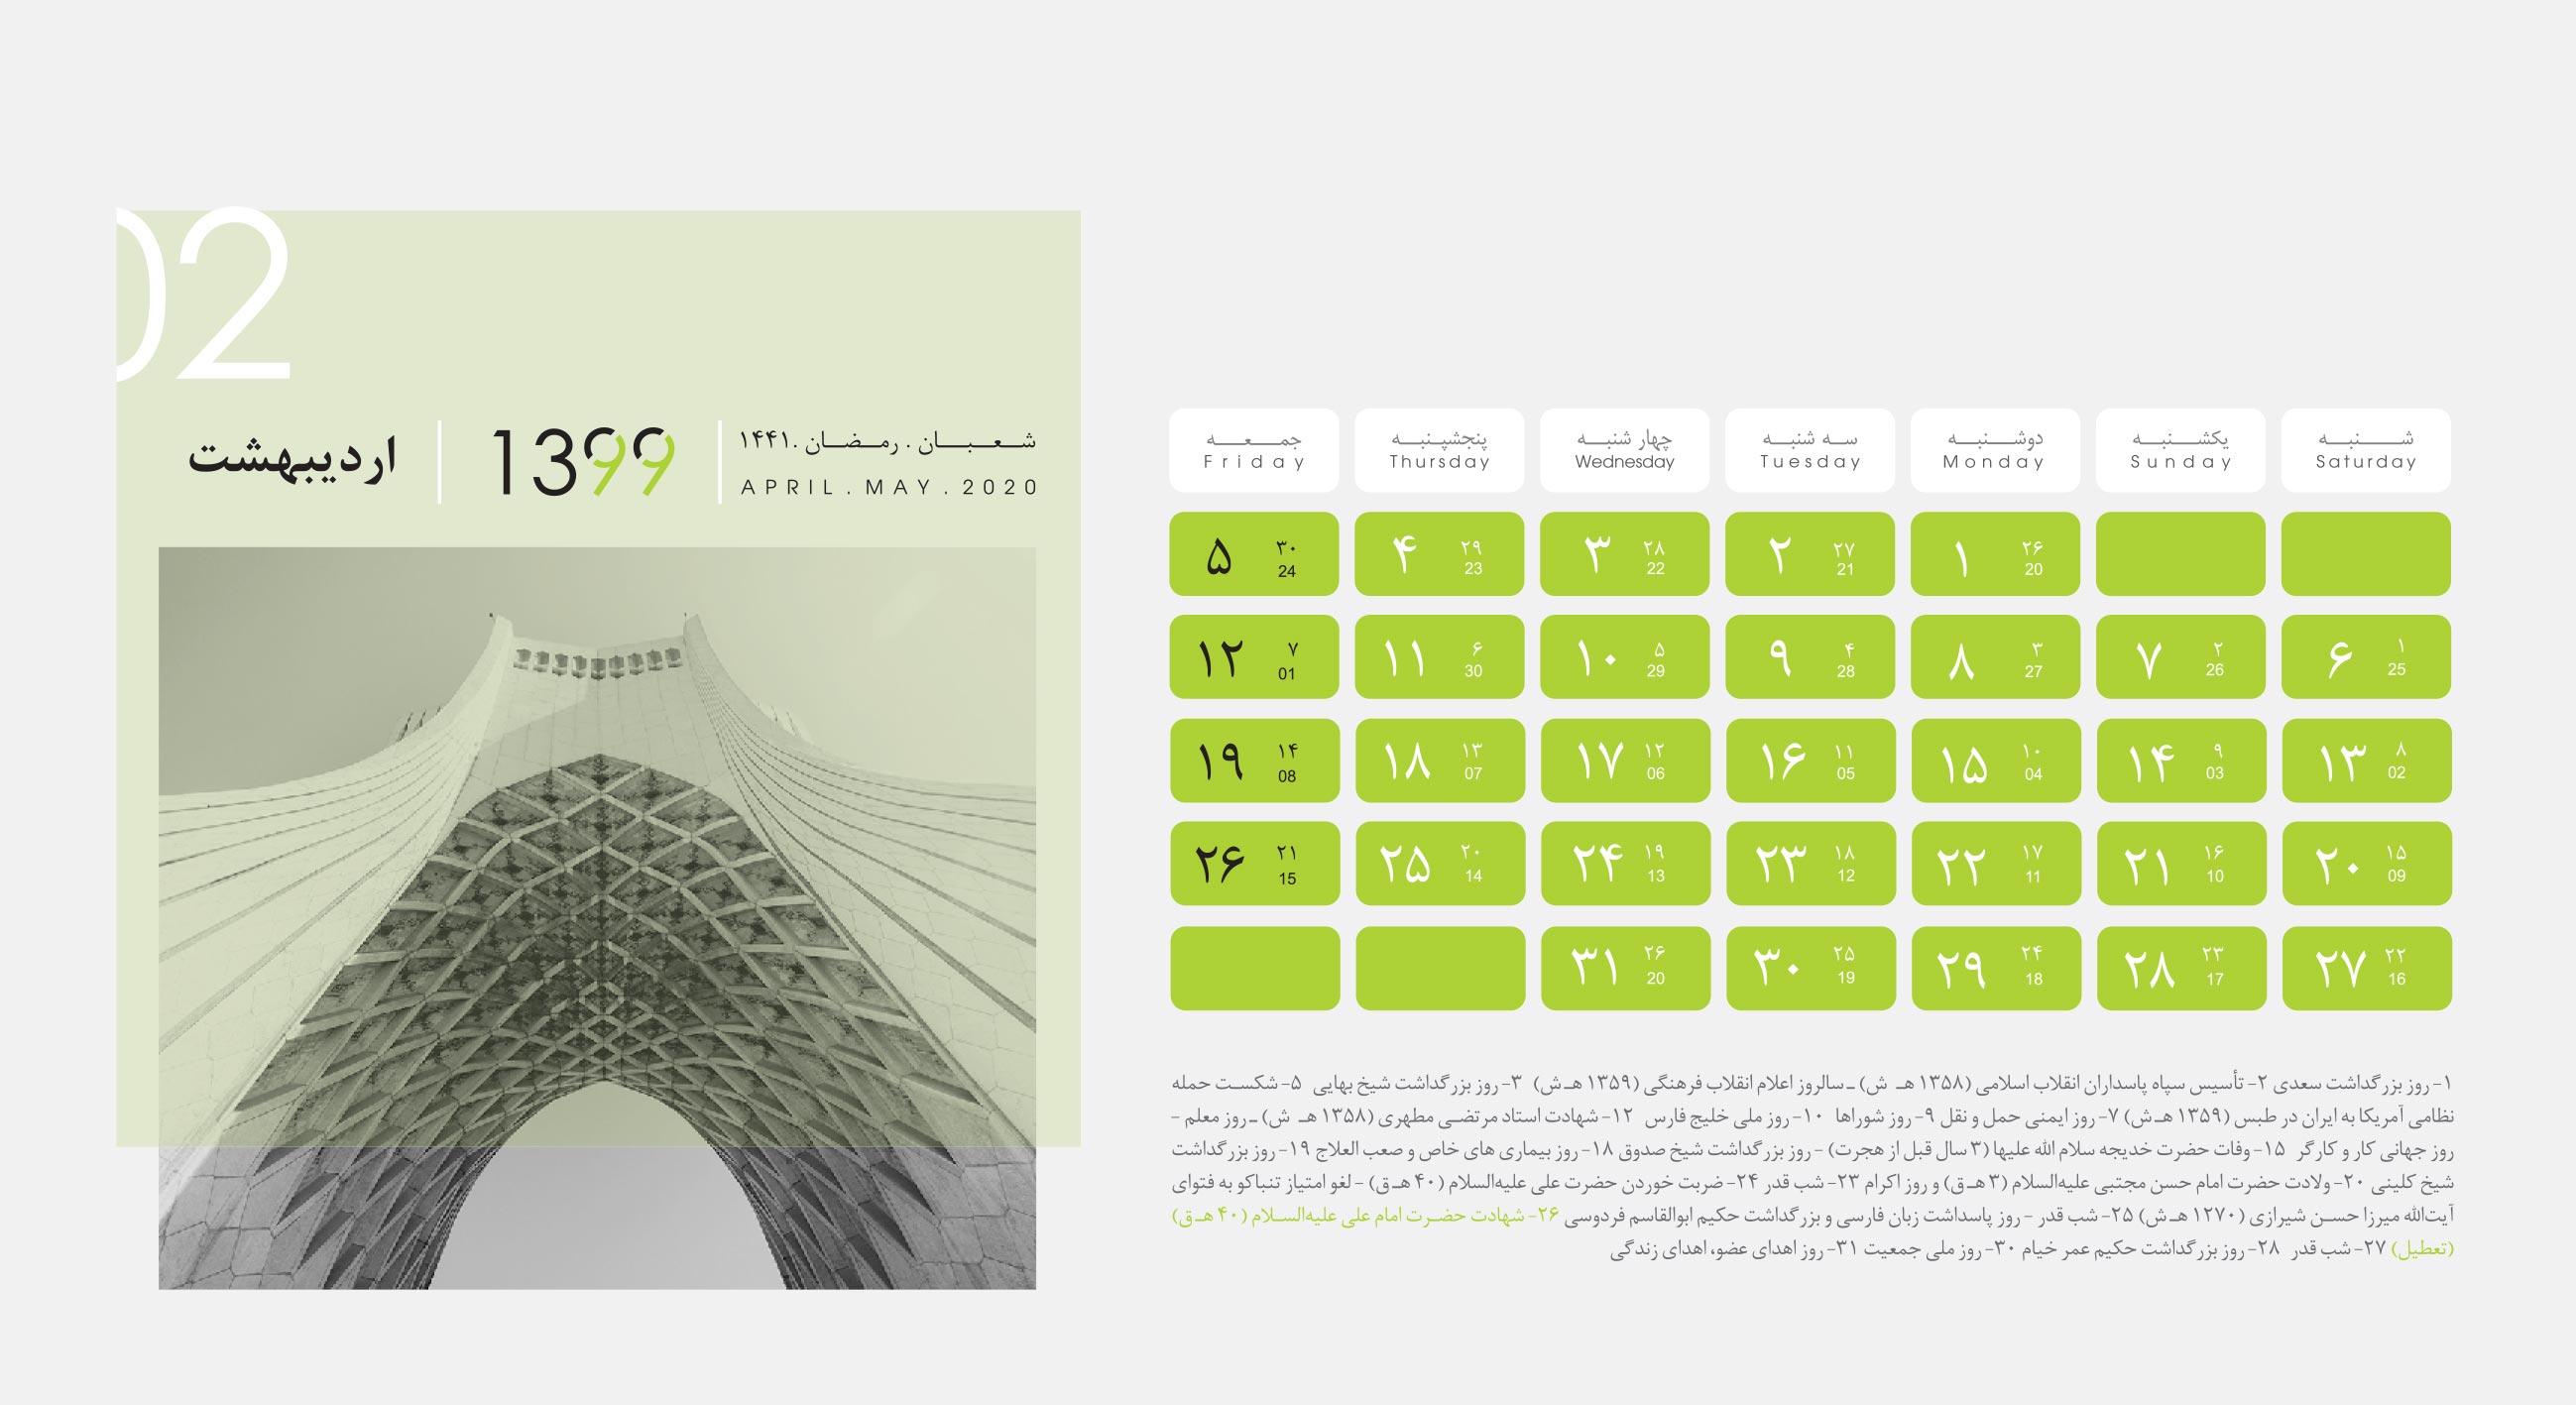 تقویم اردیبهشت 99 برج آزادی